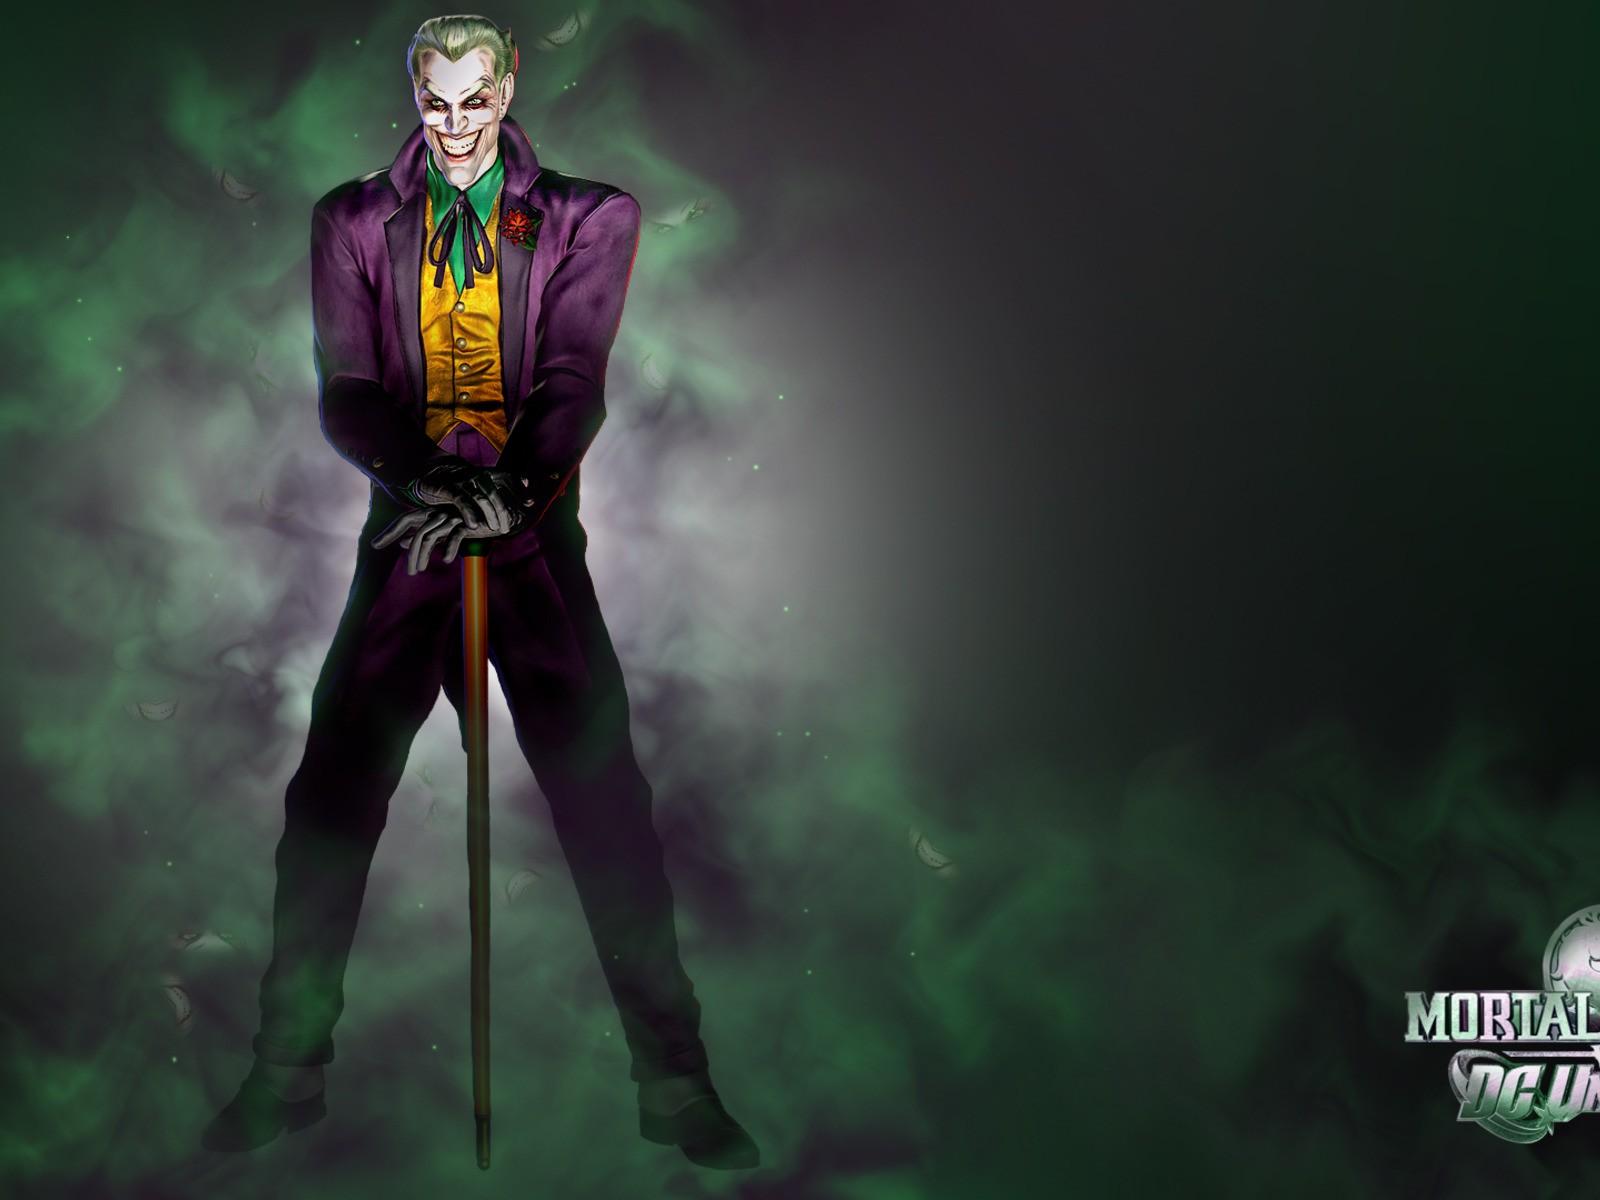 dc comics the joker villains HD Wallpaper   Cartoon Animation 1600x1200